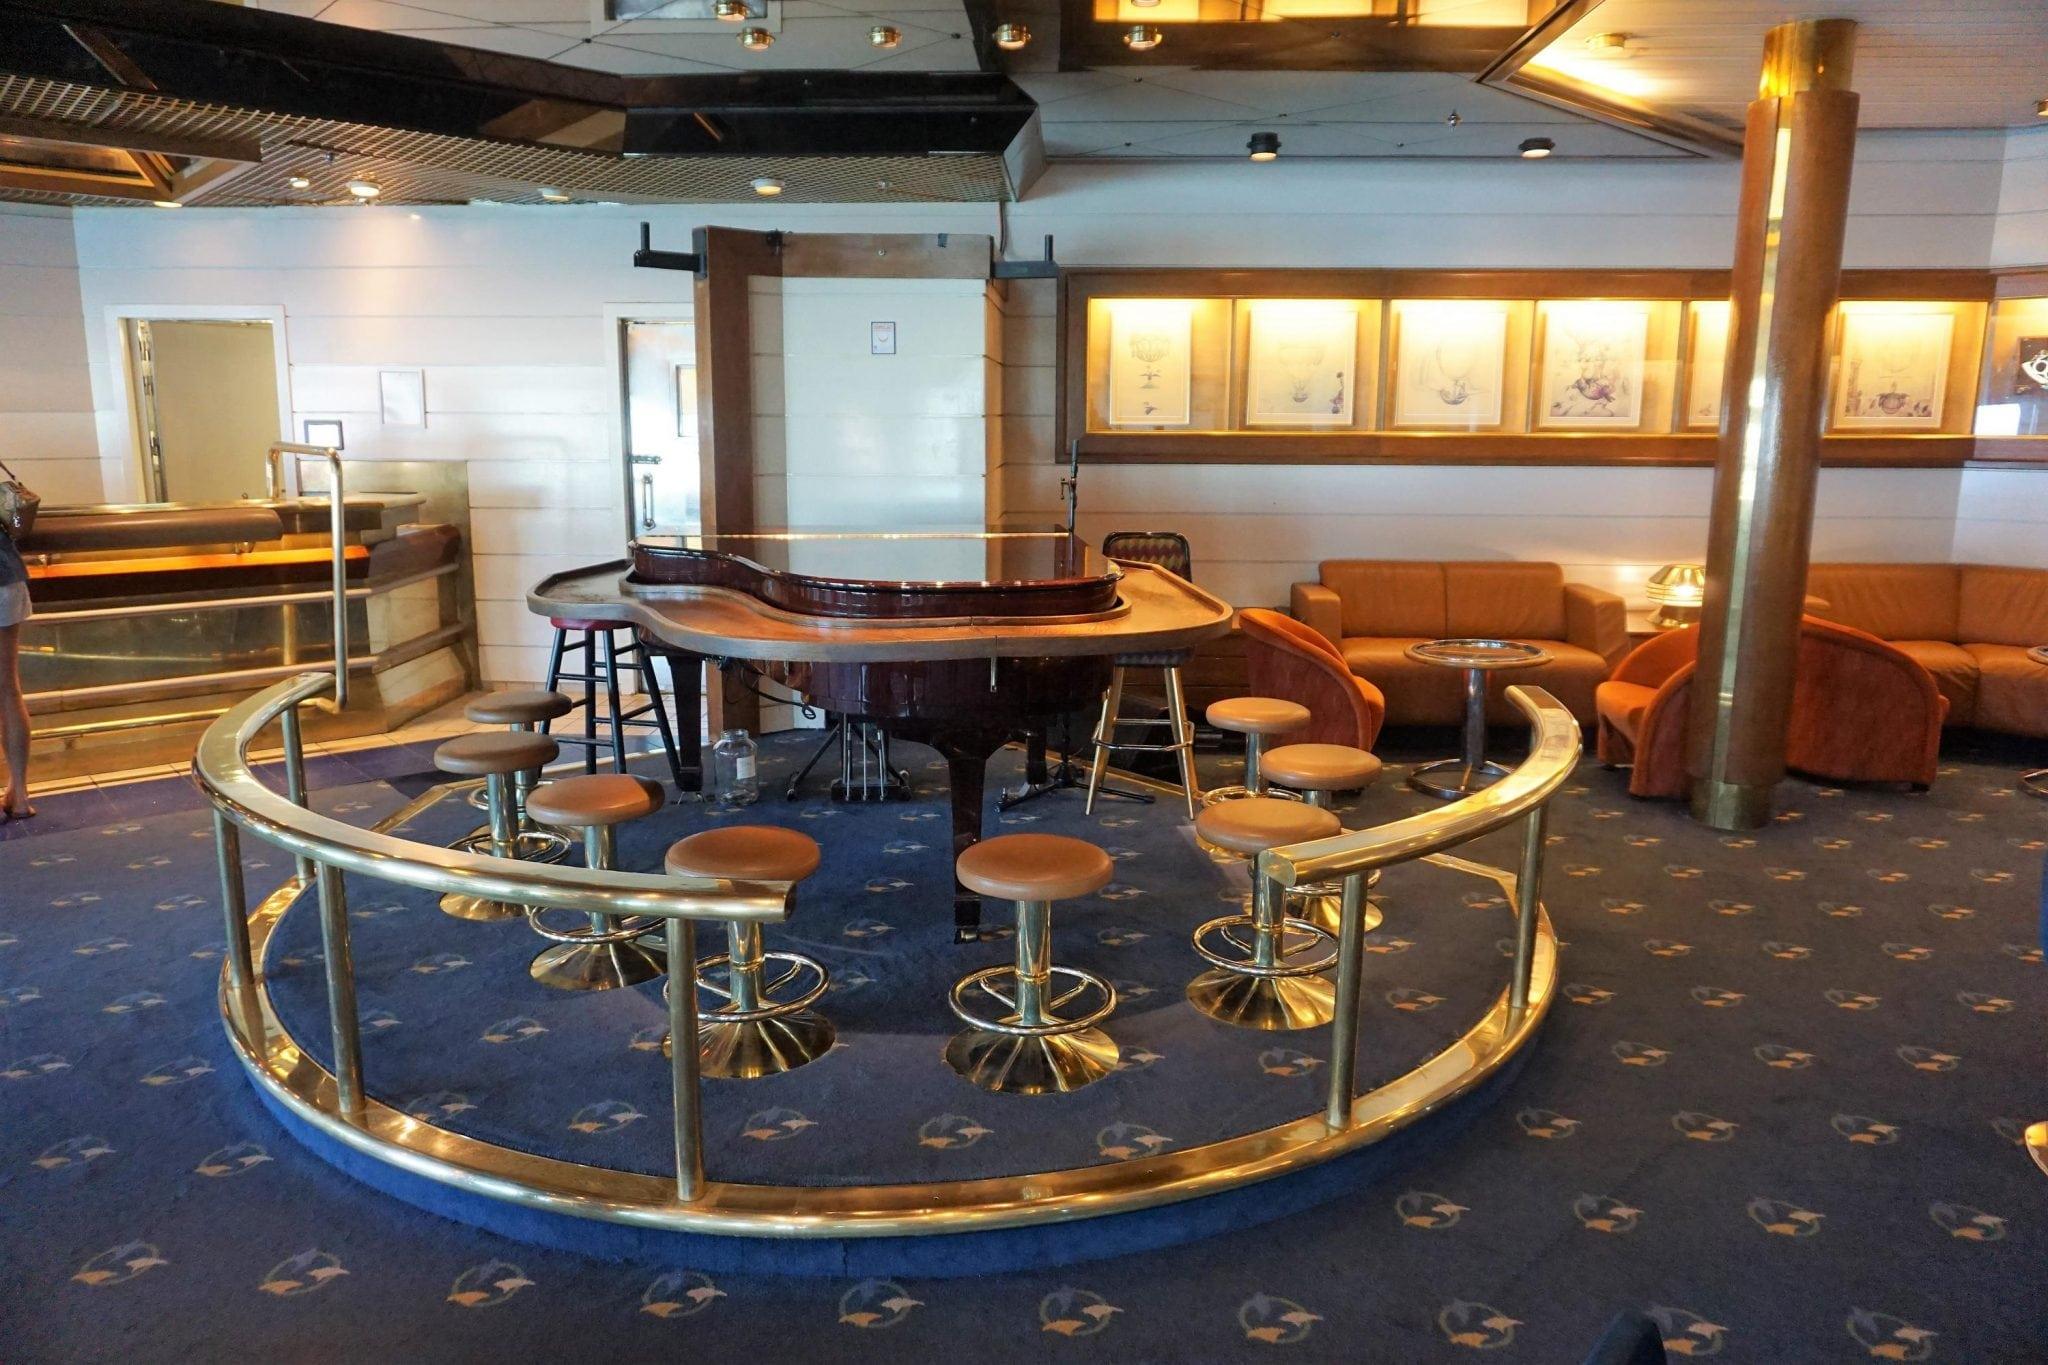 Inside the Schooner Bar